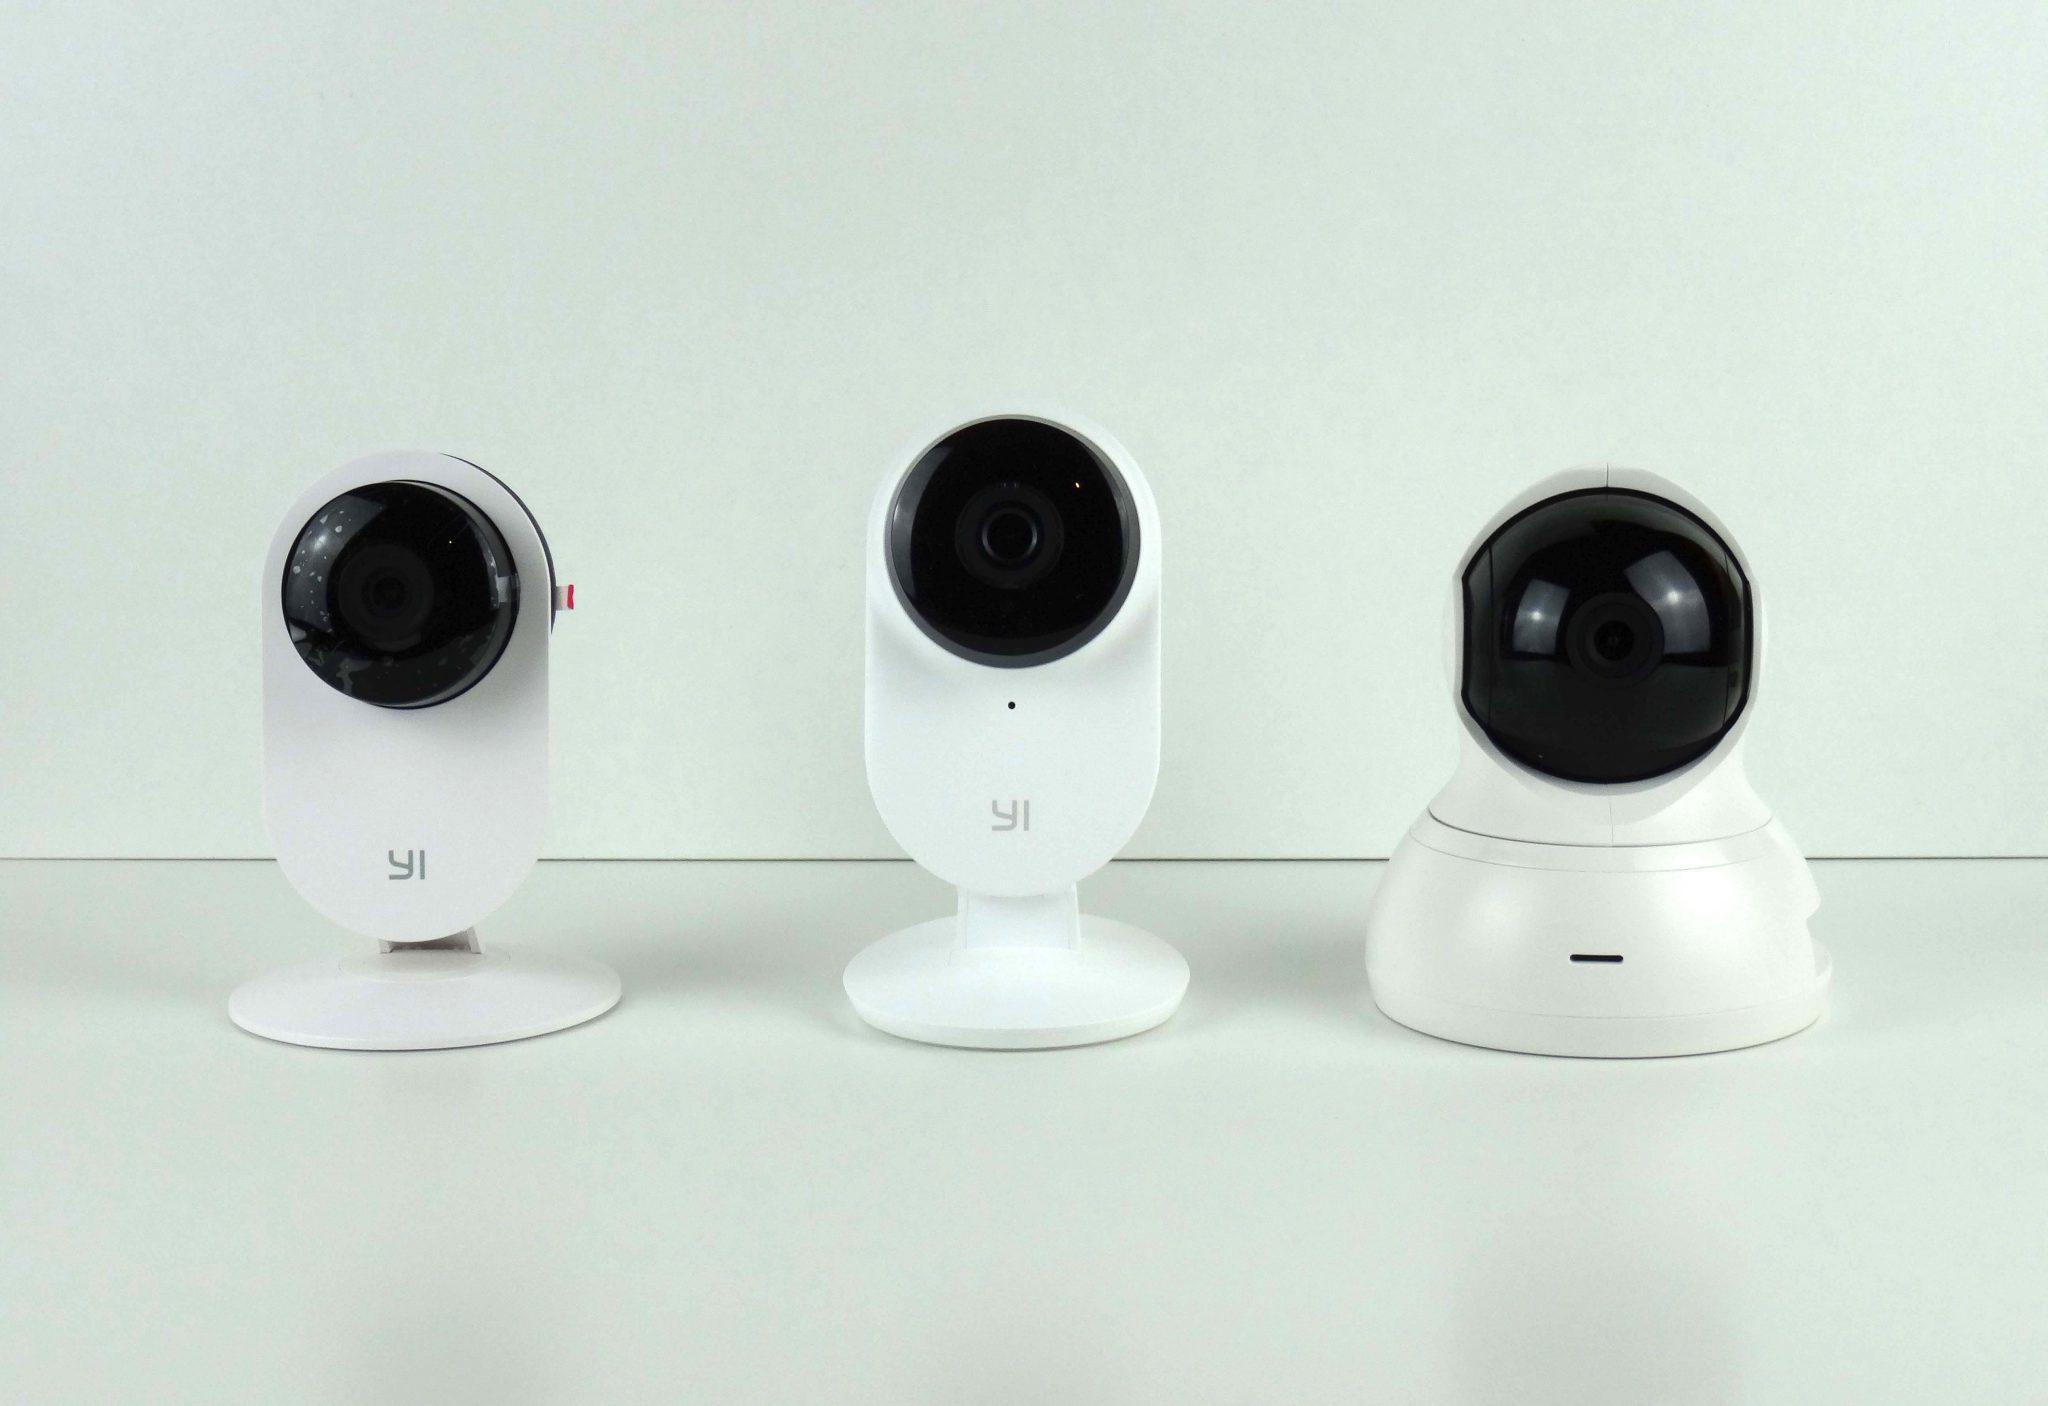 Xiaomi Yi Dome Camera Comparison